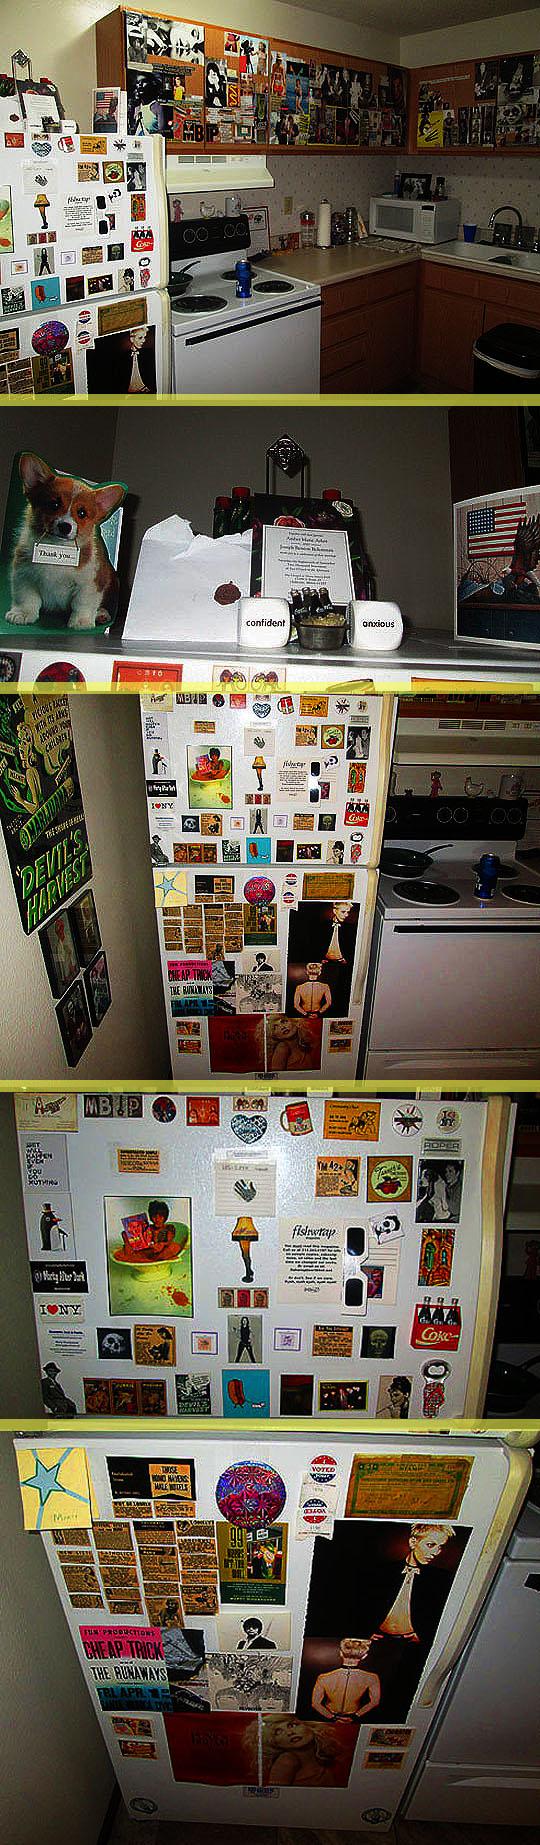 7. kitchenfirdge_nov2-17.jpg